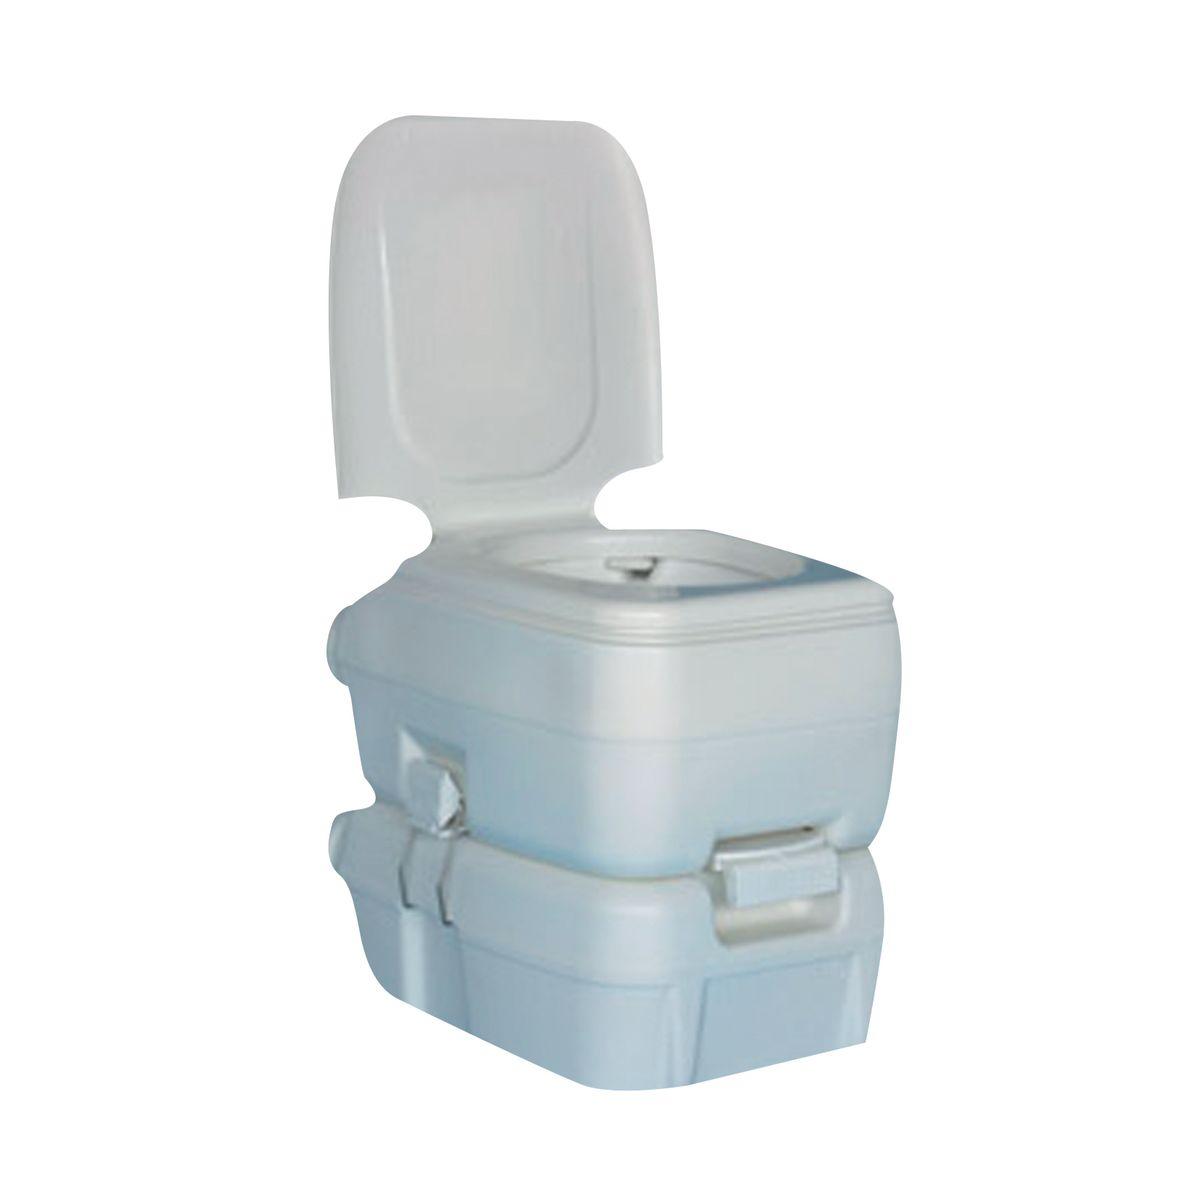 Vaso WC chimico 15 L: prezzi e offerte online